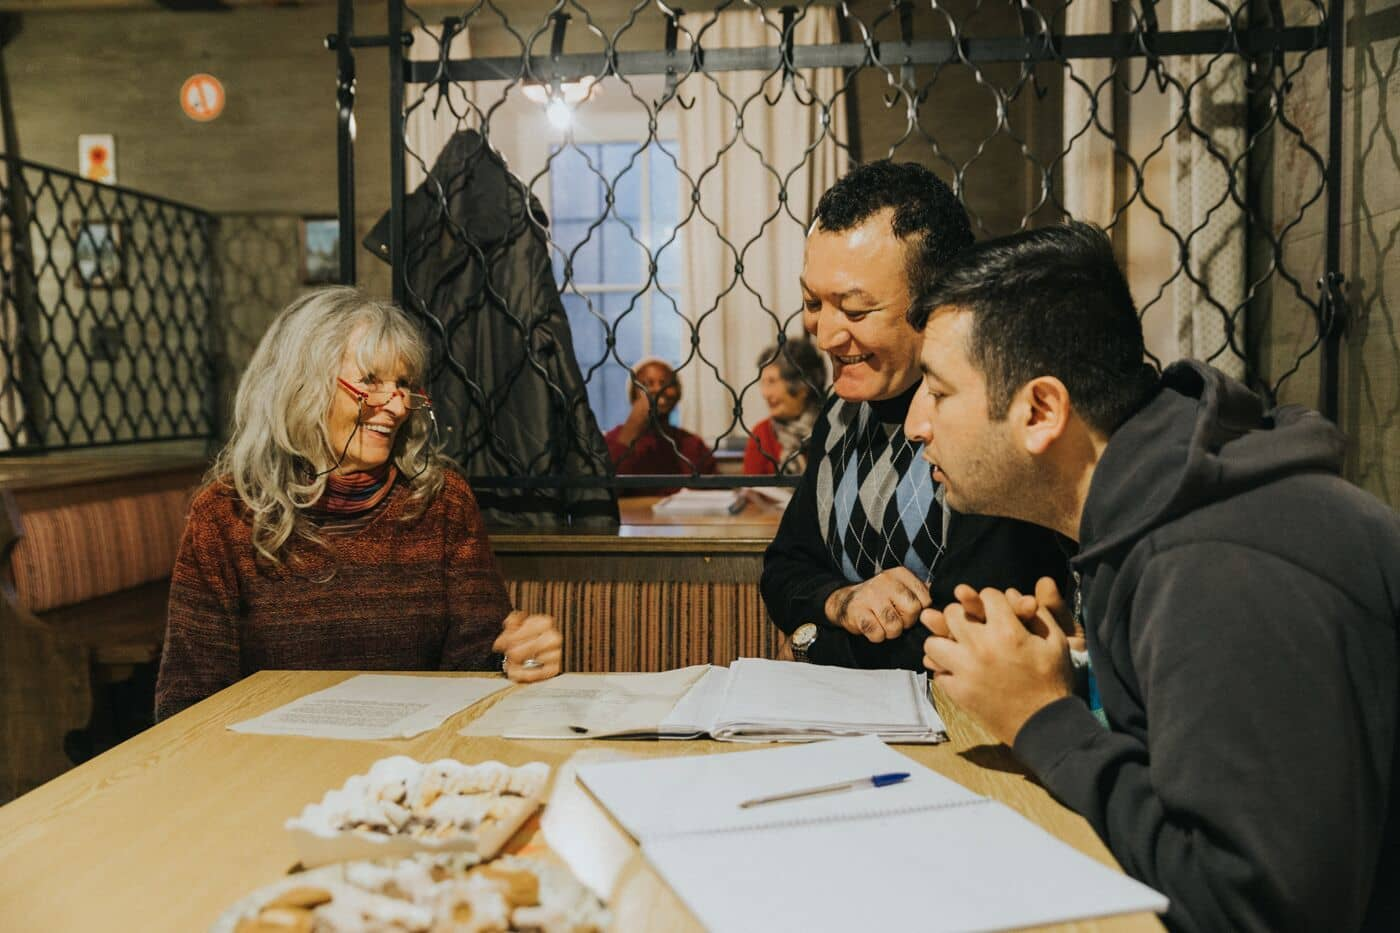 Beim wöchentlichen Deutschkurs lernen die Bewohnerinnen und Bewohner, sich auch auf Deutsch zu verständigen.